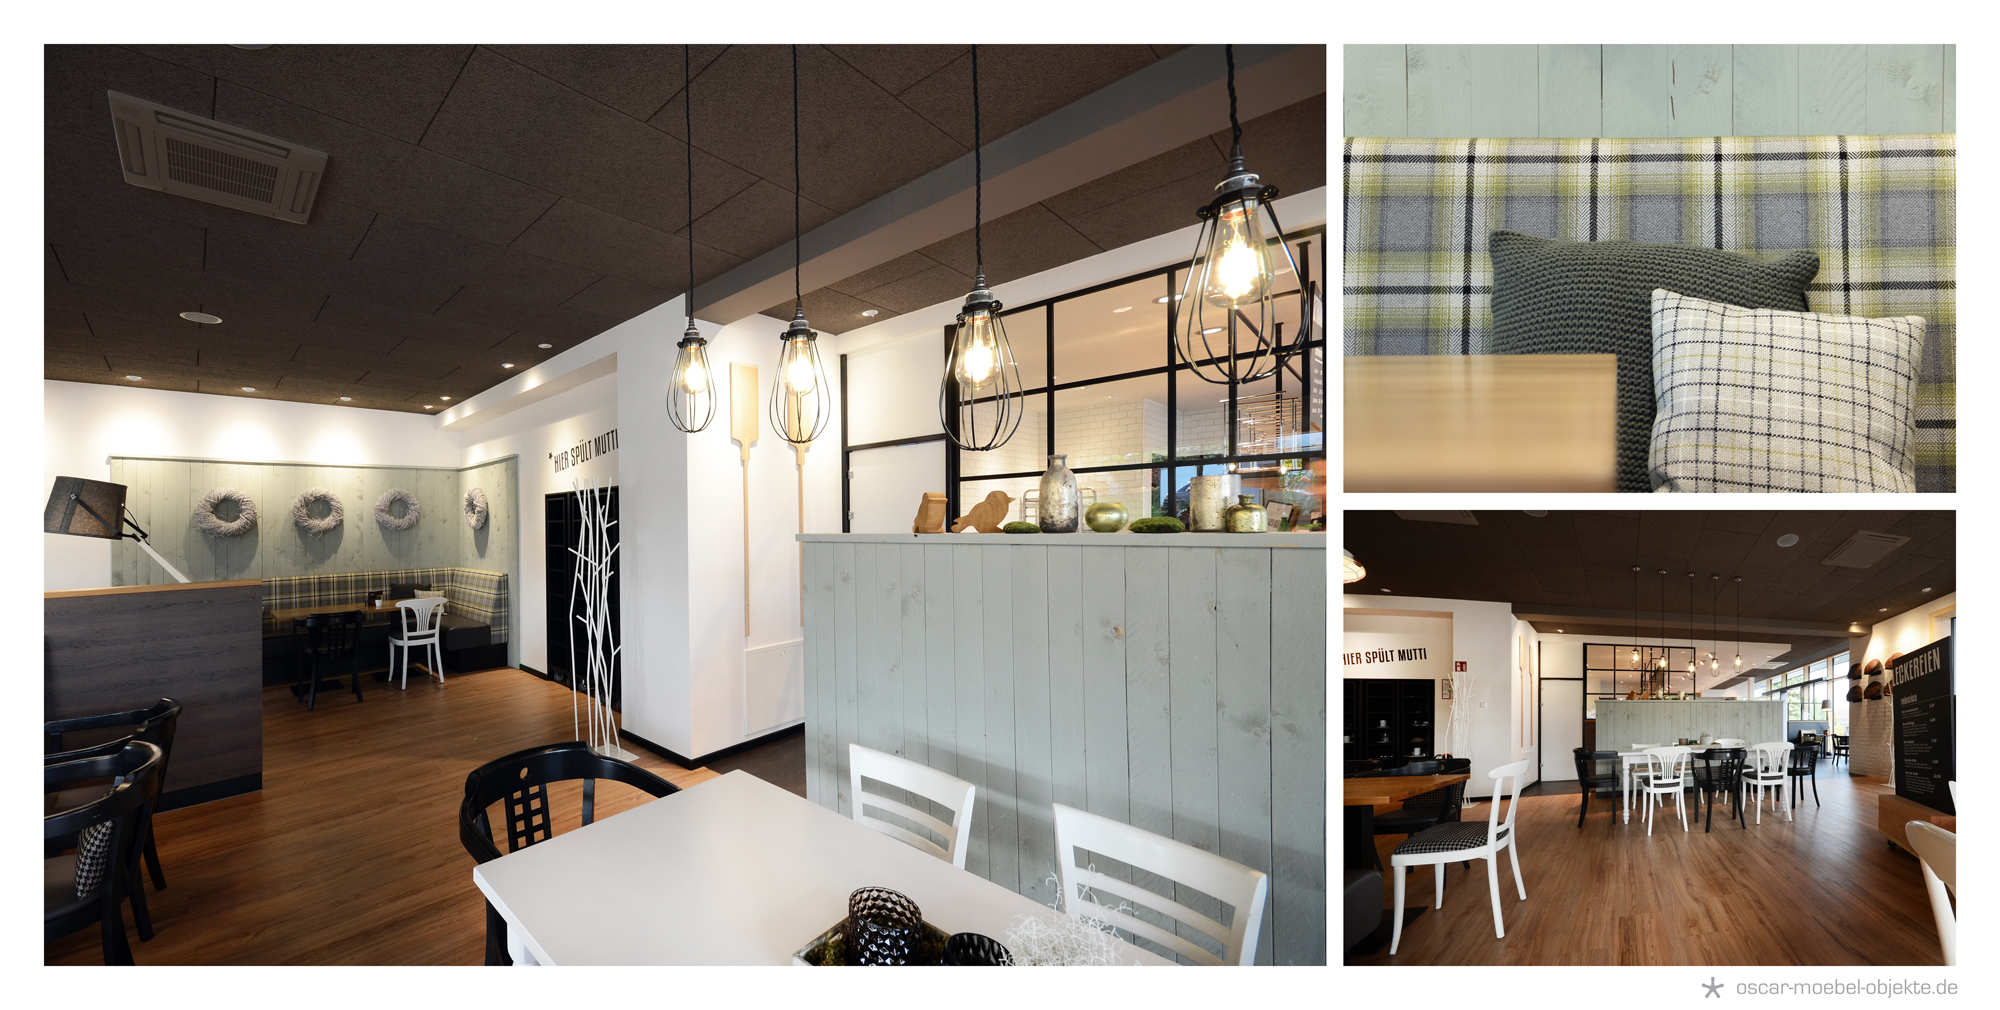 gastronomie hotelerie oscar m bel objekte. Black Bedroom Furniture Sets. Home Design Ideas